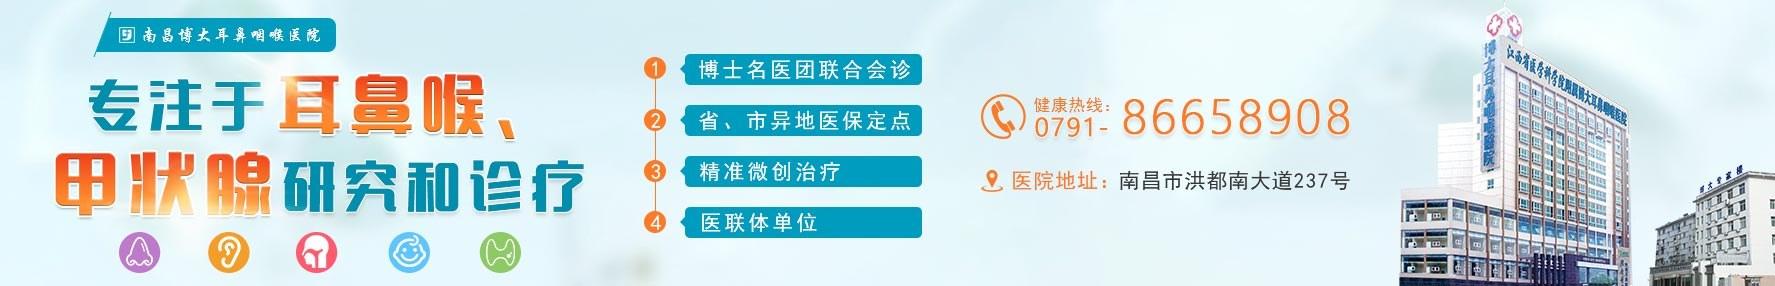 南昌博大耳鼻咽喉医院在线咨询预约挂号平台